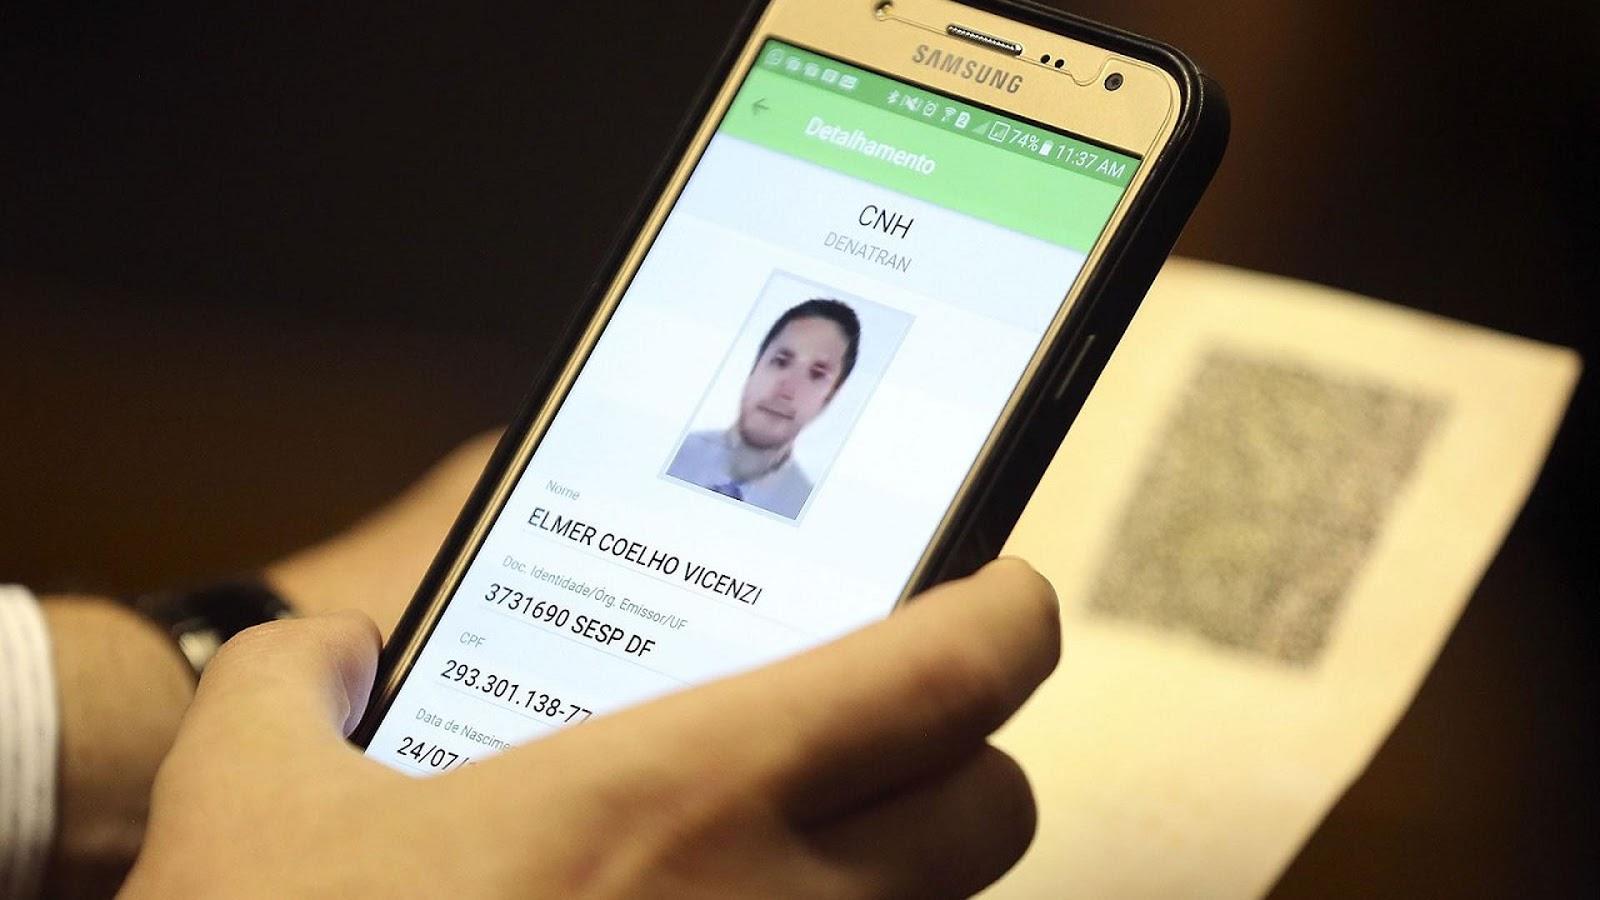 CHN ganhará versão digital em 2018